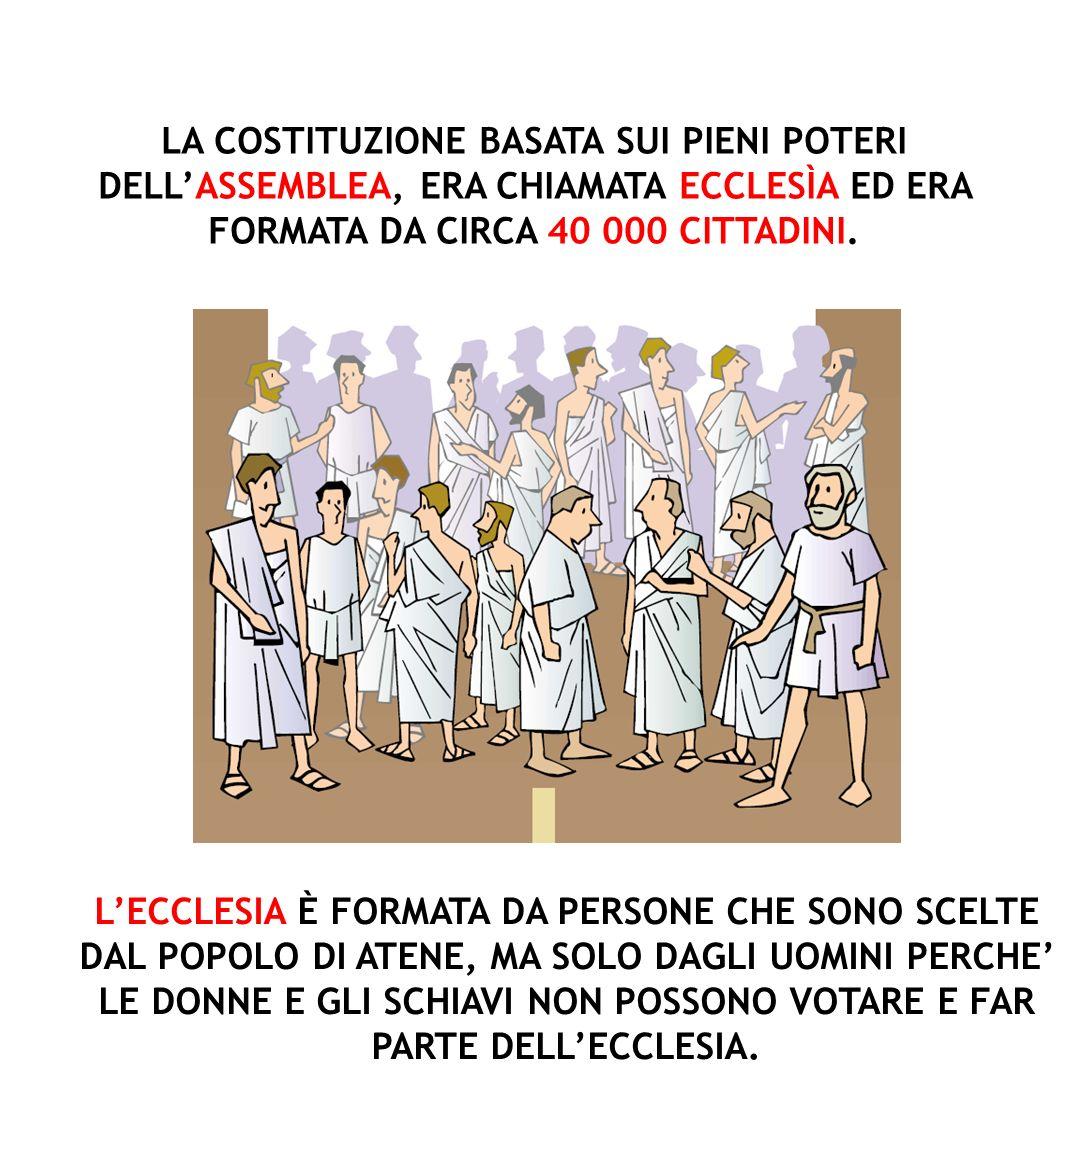 LA COSTITUZIONE BASATA SUI PIENI POTERI DELL'ASSEMBLEA, ERA CHIAMATA ECCLESÌA ED ERA FORMATA DA CIRCA 40 000 CITTADINI.